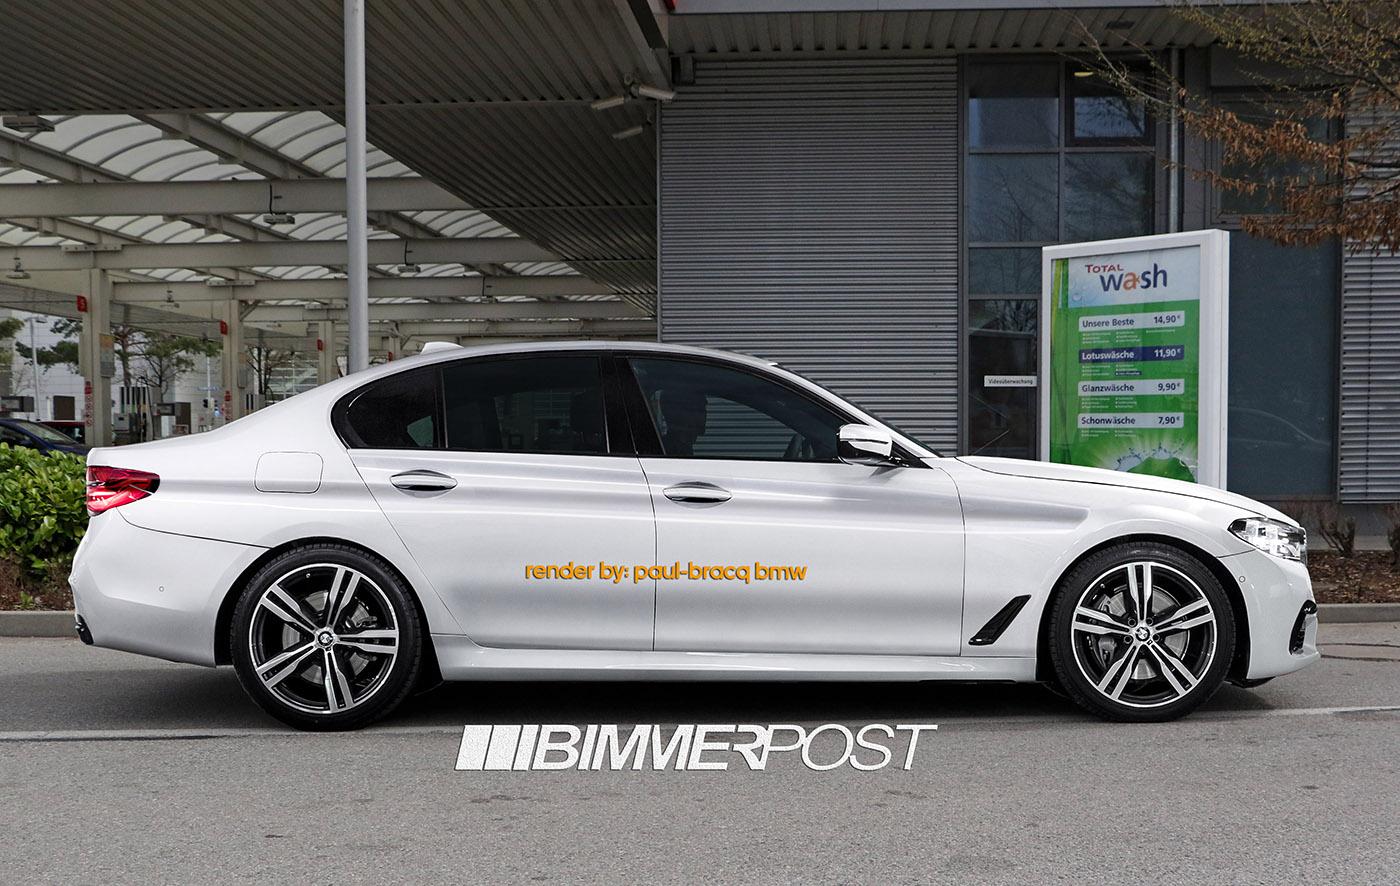 BMW Serie 5 G30: render della M-Sport - BMWpassion blog